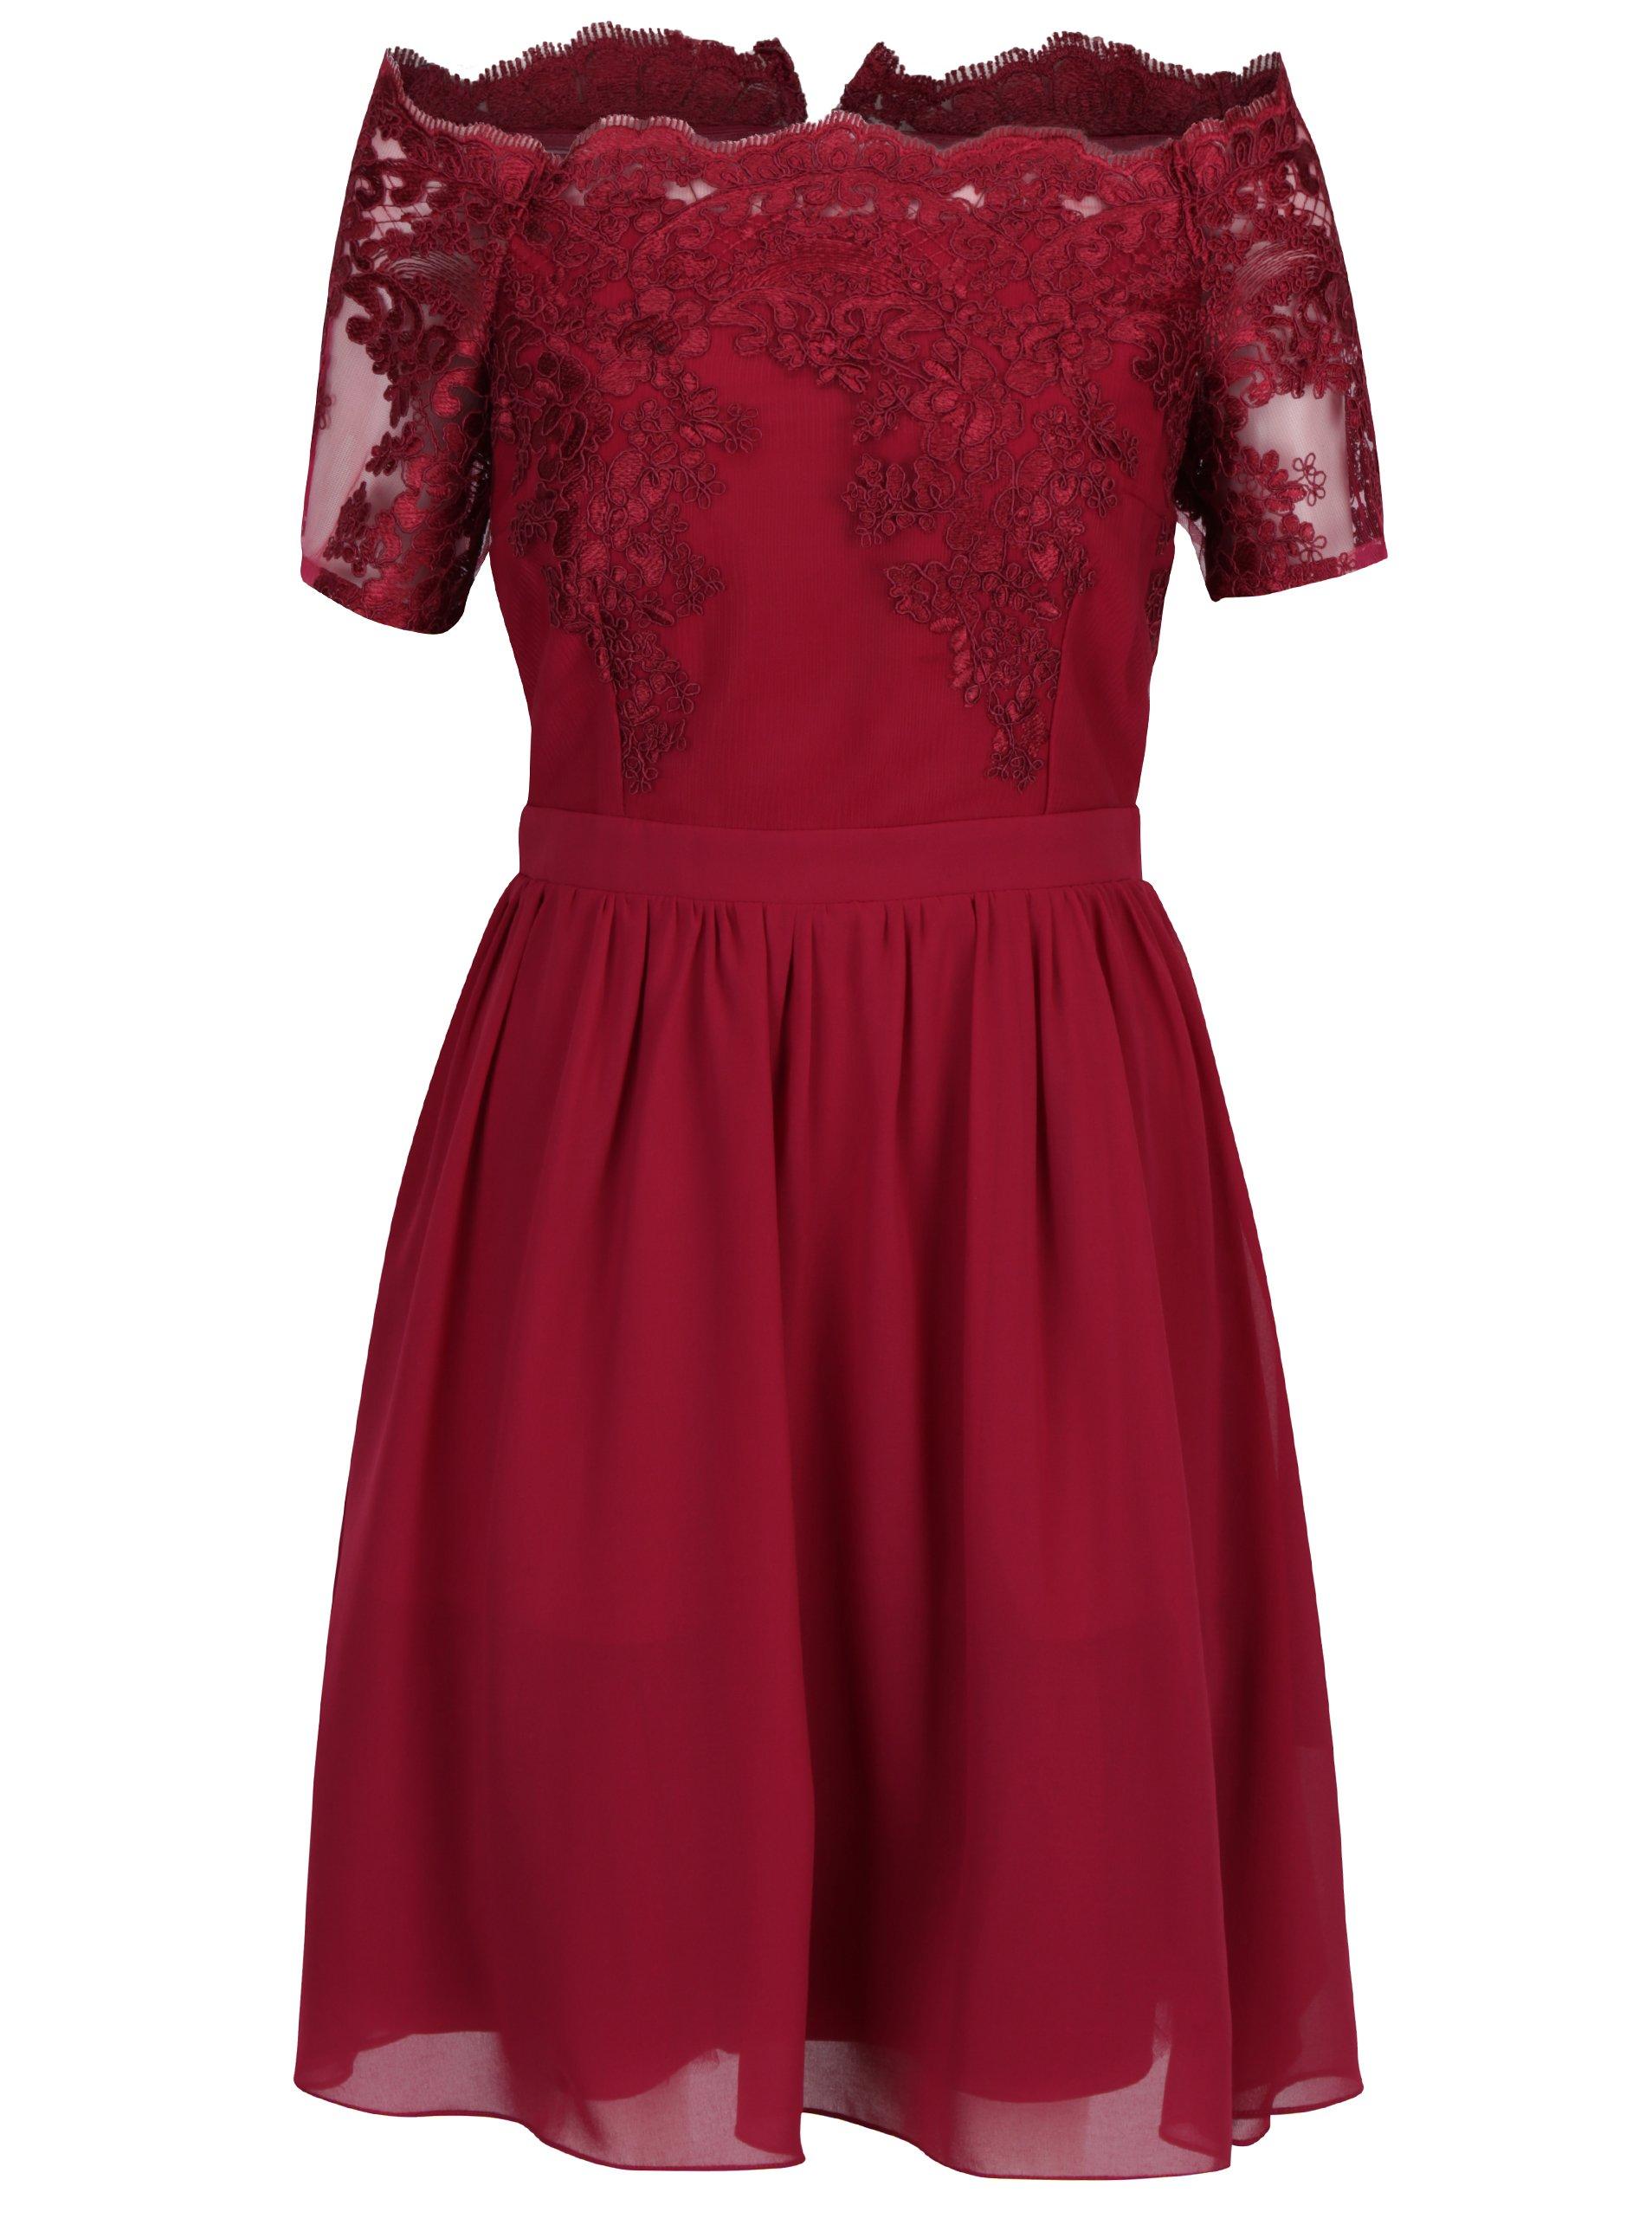 8b79a36b6c85 Vínové šaty s čipkovaným topom a odhalenými ramenami Dorothy Perkins